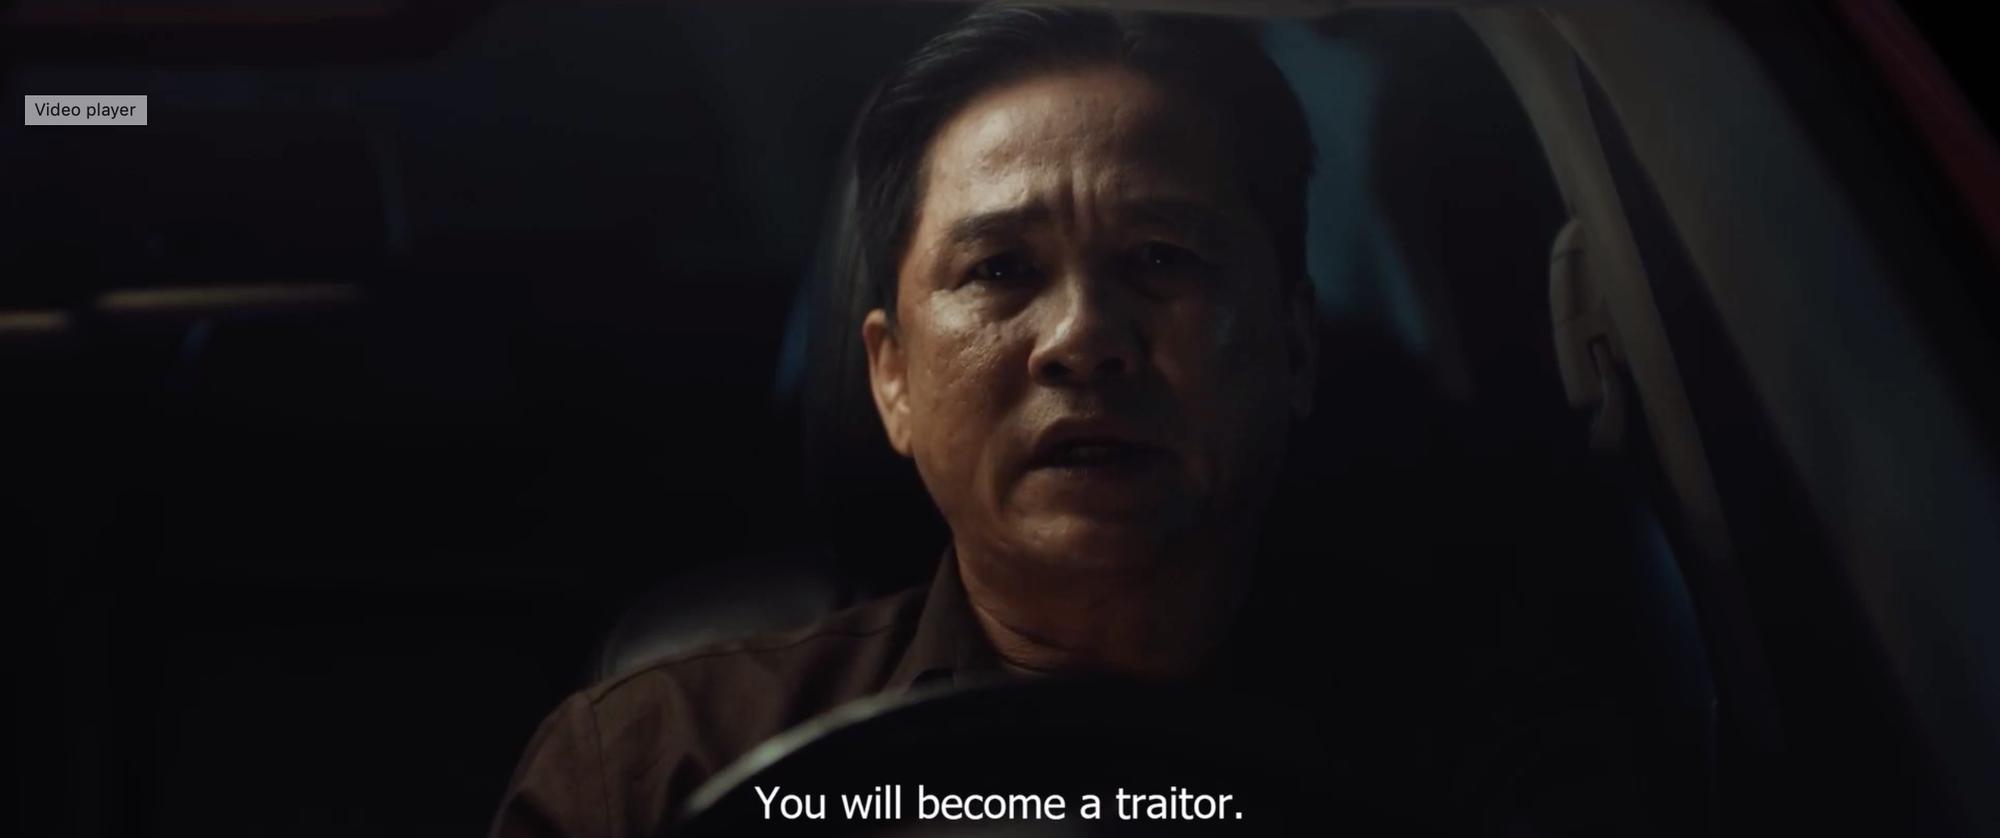 Phim cờ bạc bịp đầu tiên của Việt Nam tung trailer sặc mùi đánh đấm Hong Kong-9